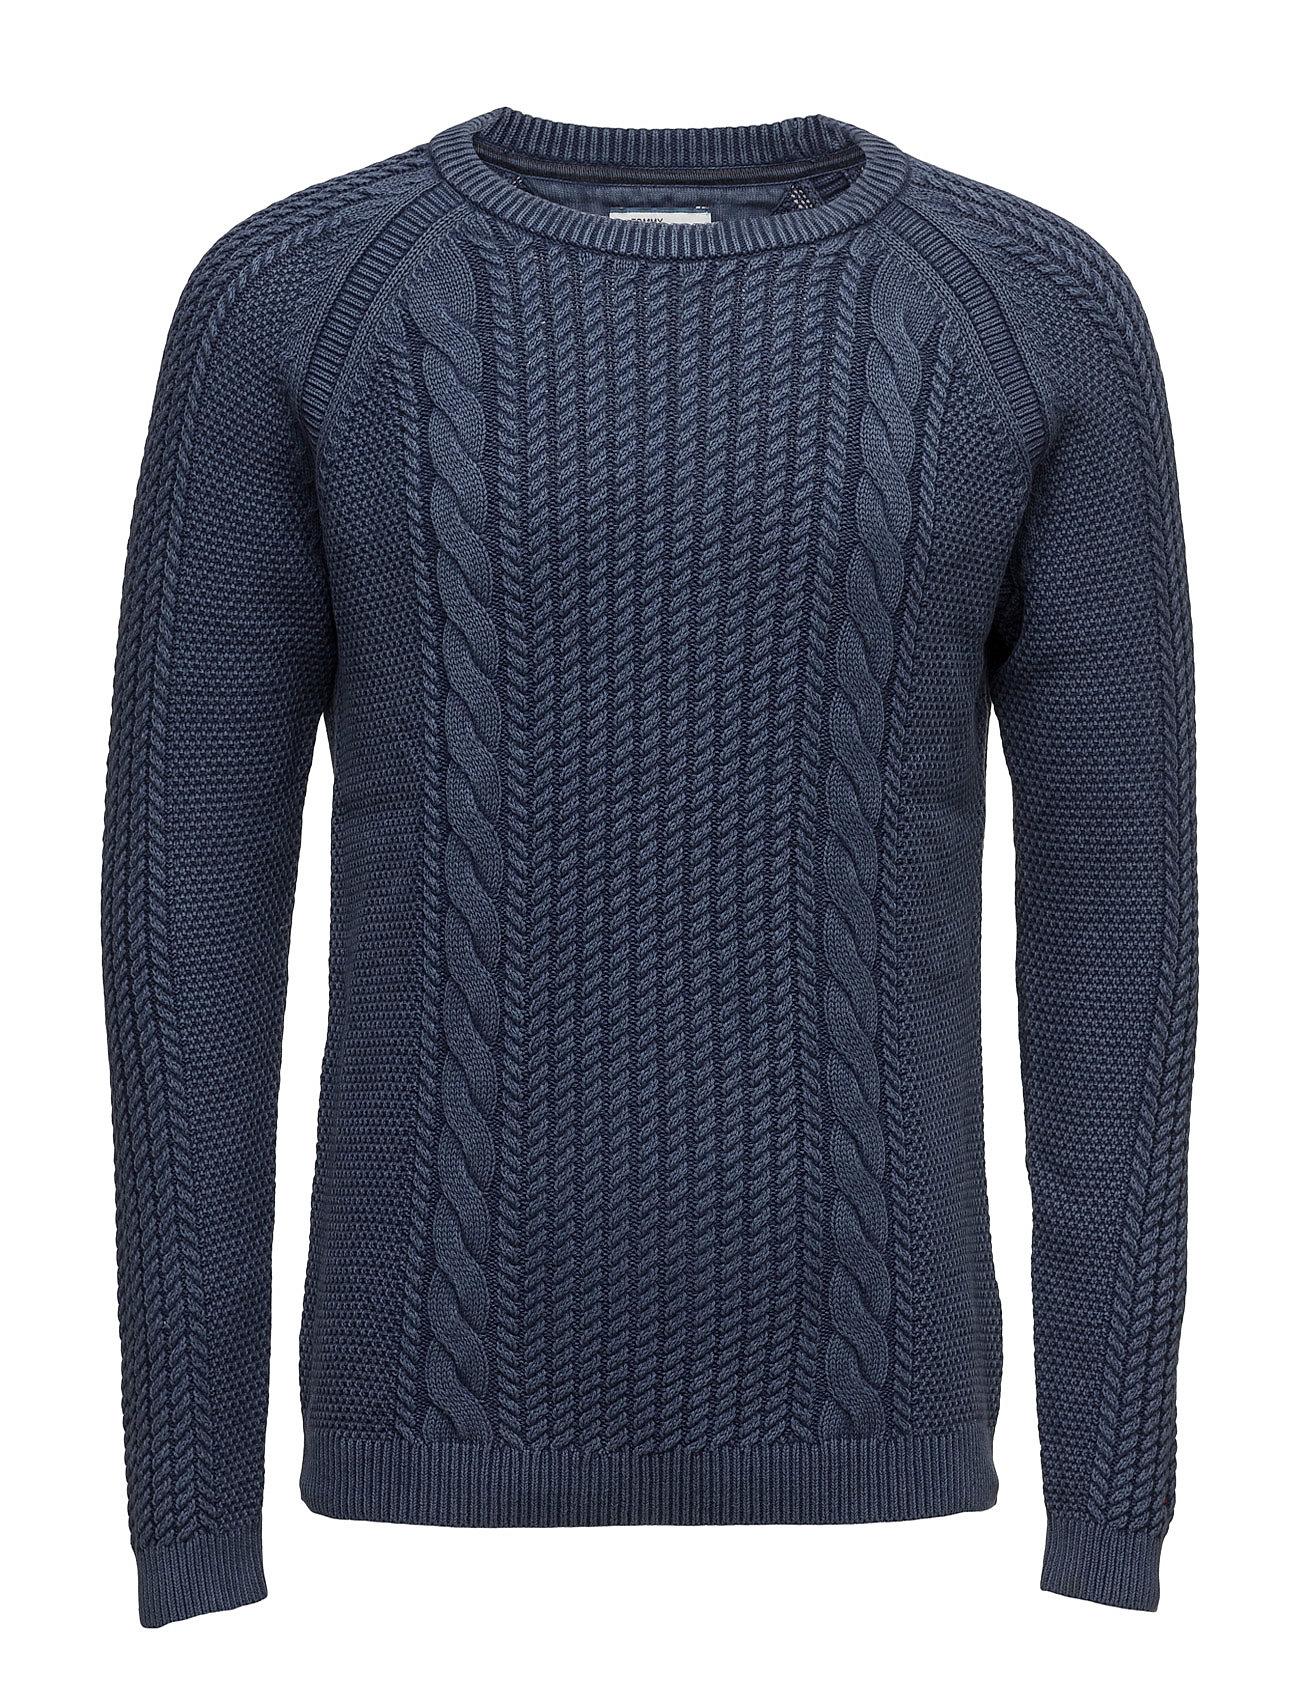 Thdm Cable Cn Sweater L/S 18 Hilfiger Denim Striktøj til Mænd i Blå